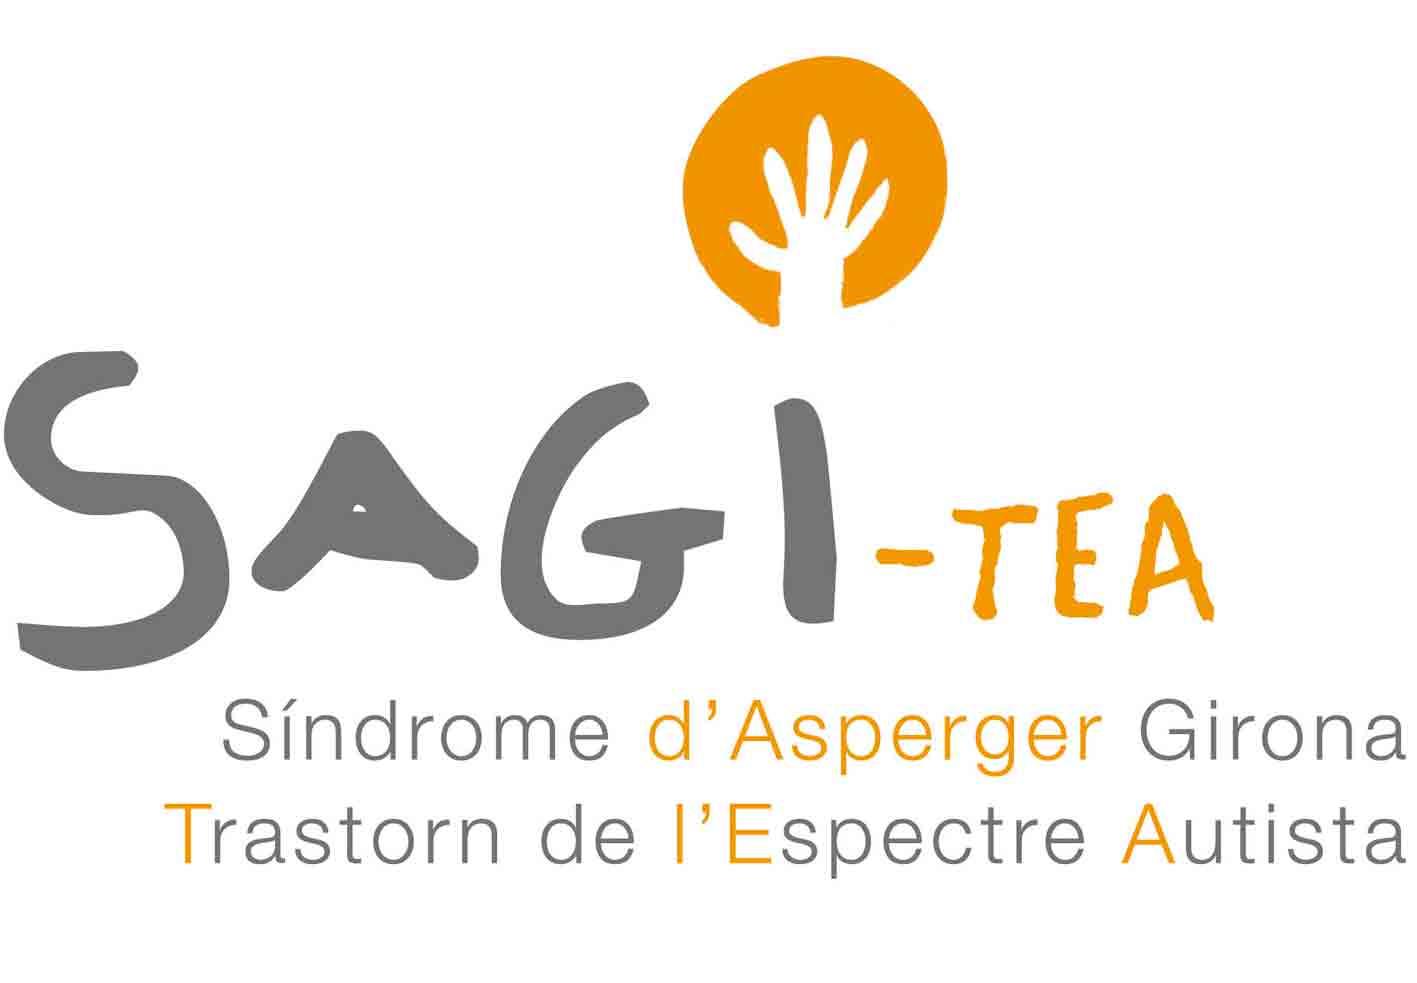 Associació Síndrome d'Asperger Girona (SAGI) Associació Síndrome d'Asperger Girona (SAGI) Inici